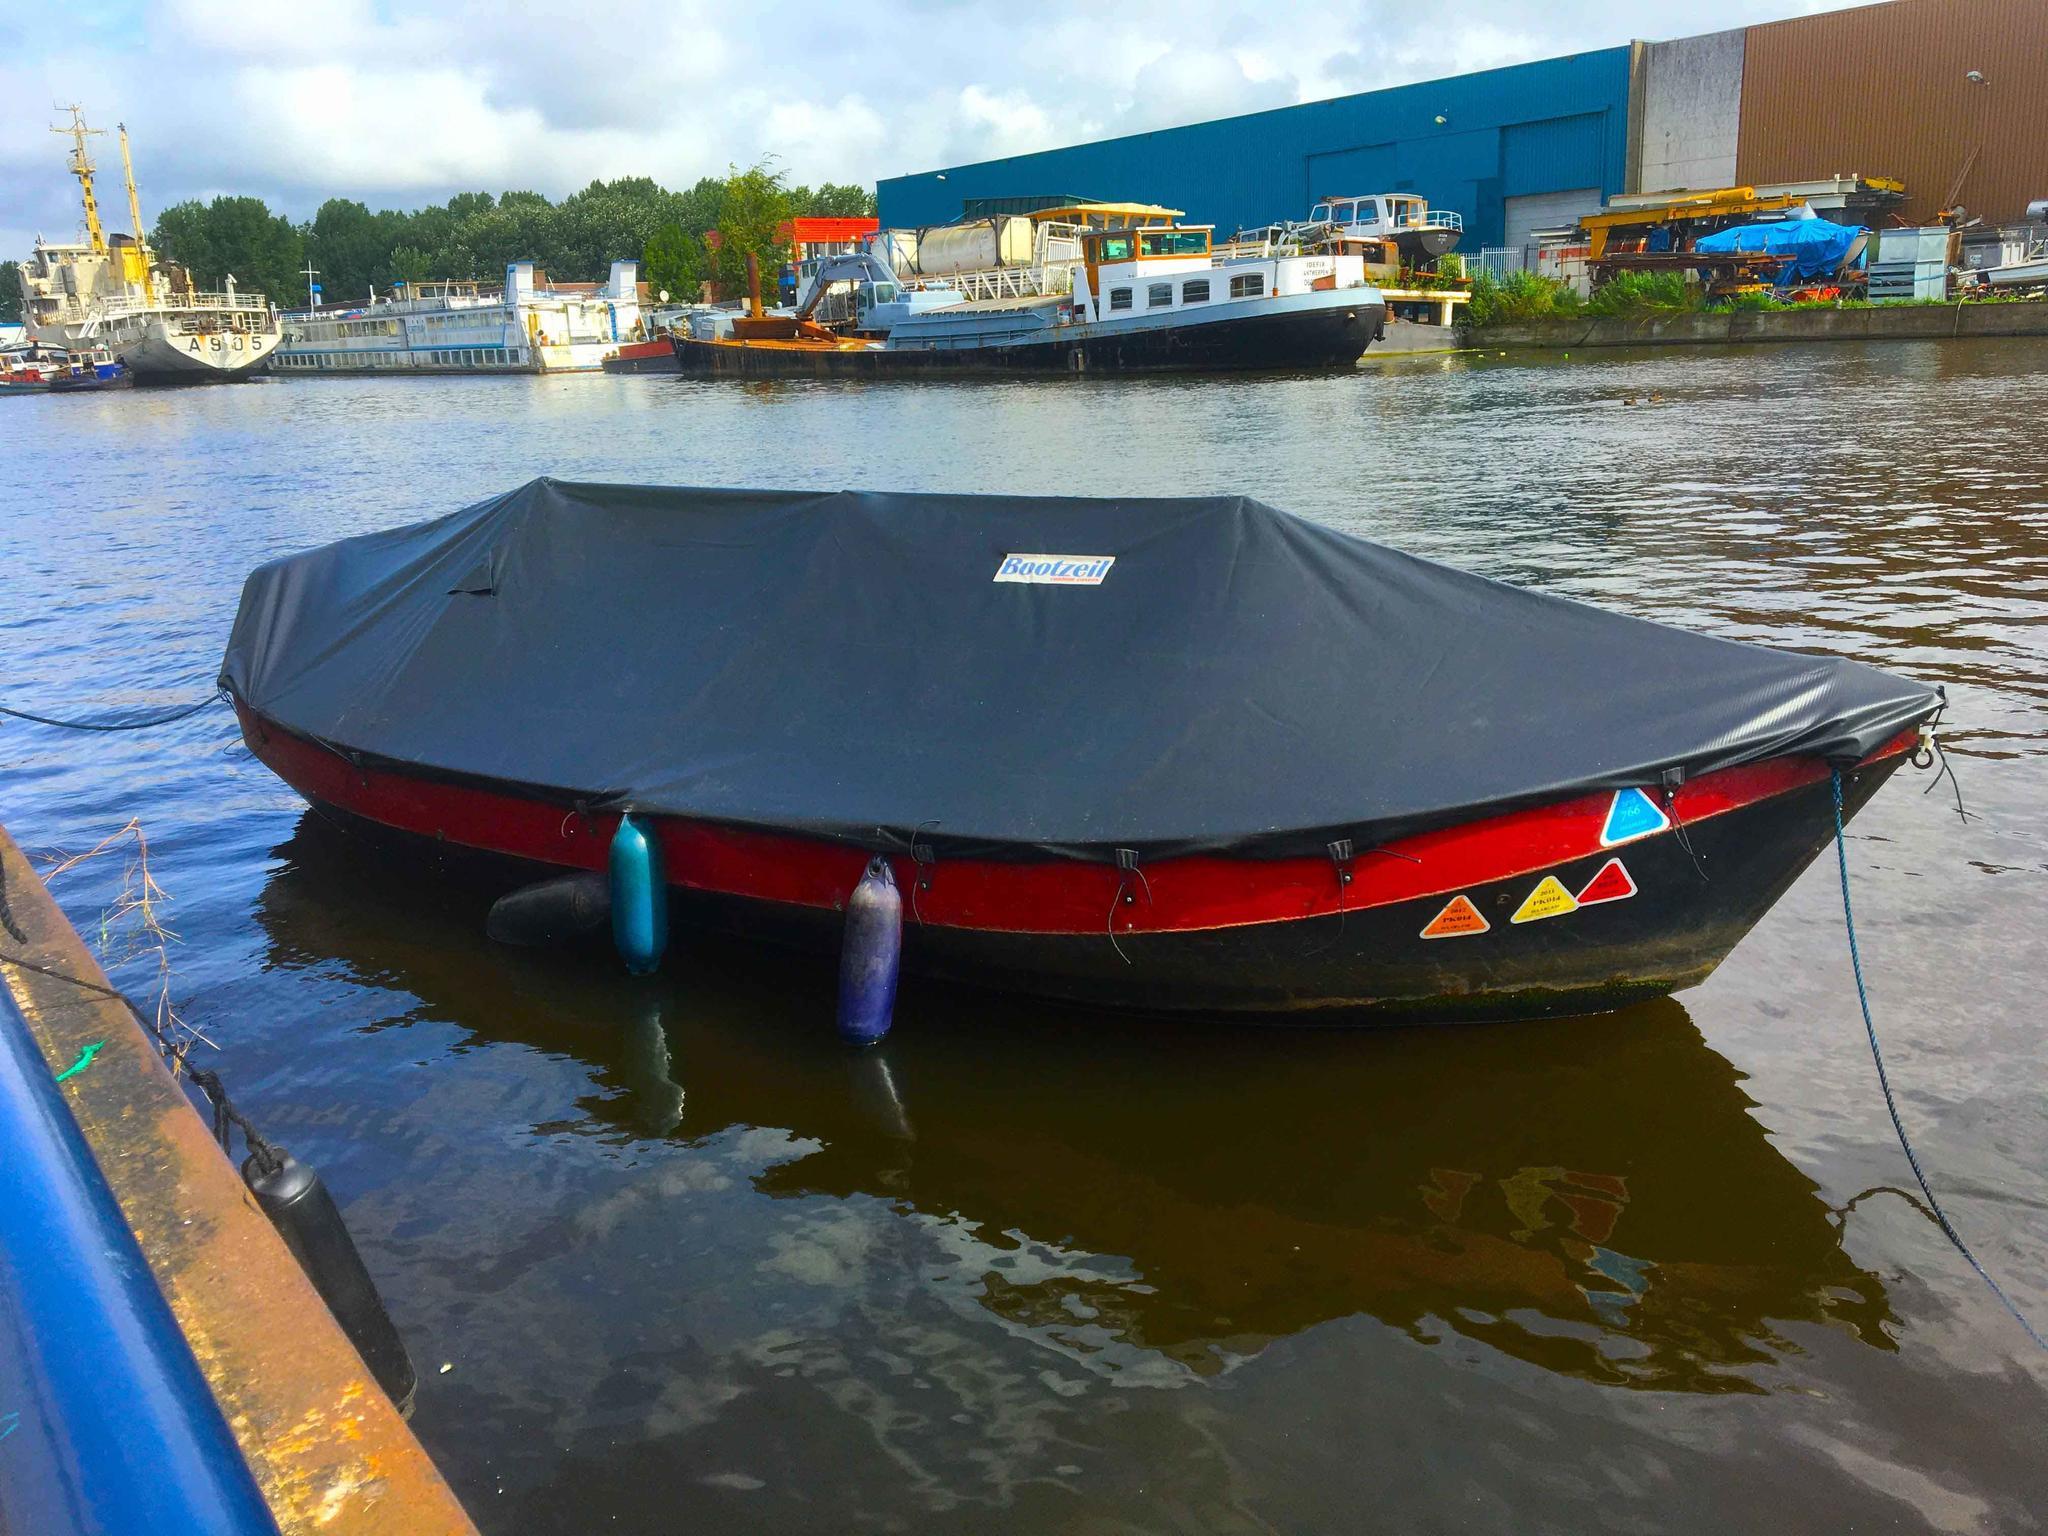 Ab deckplane Vlet